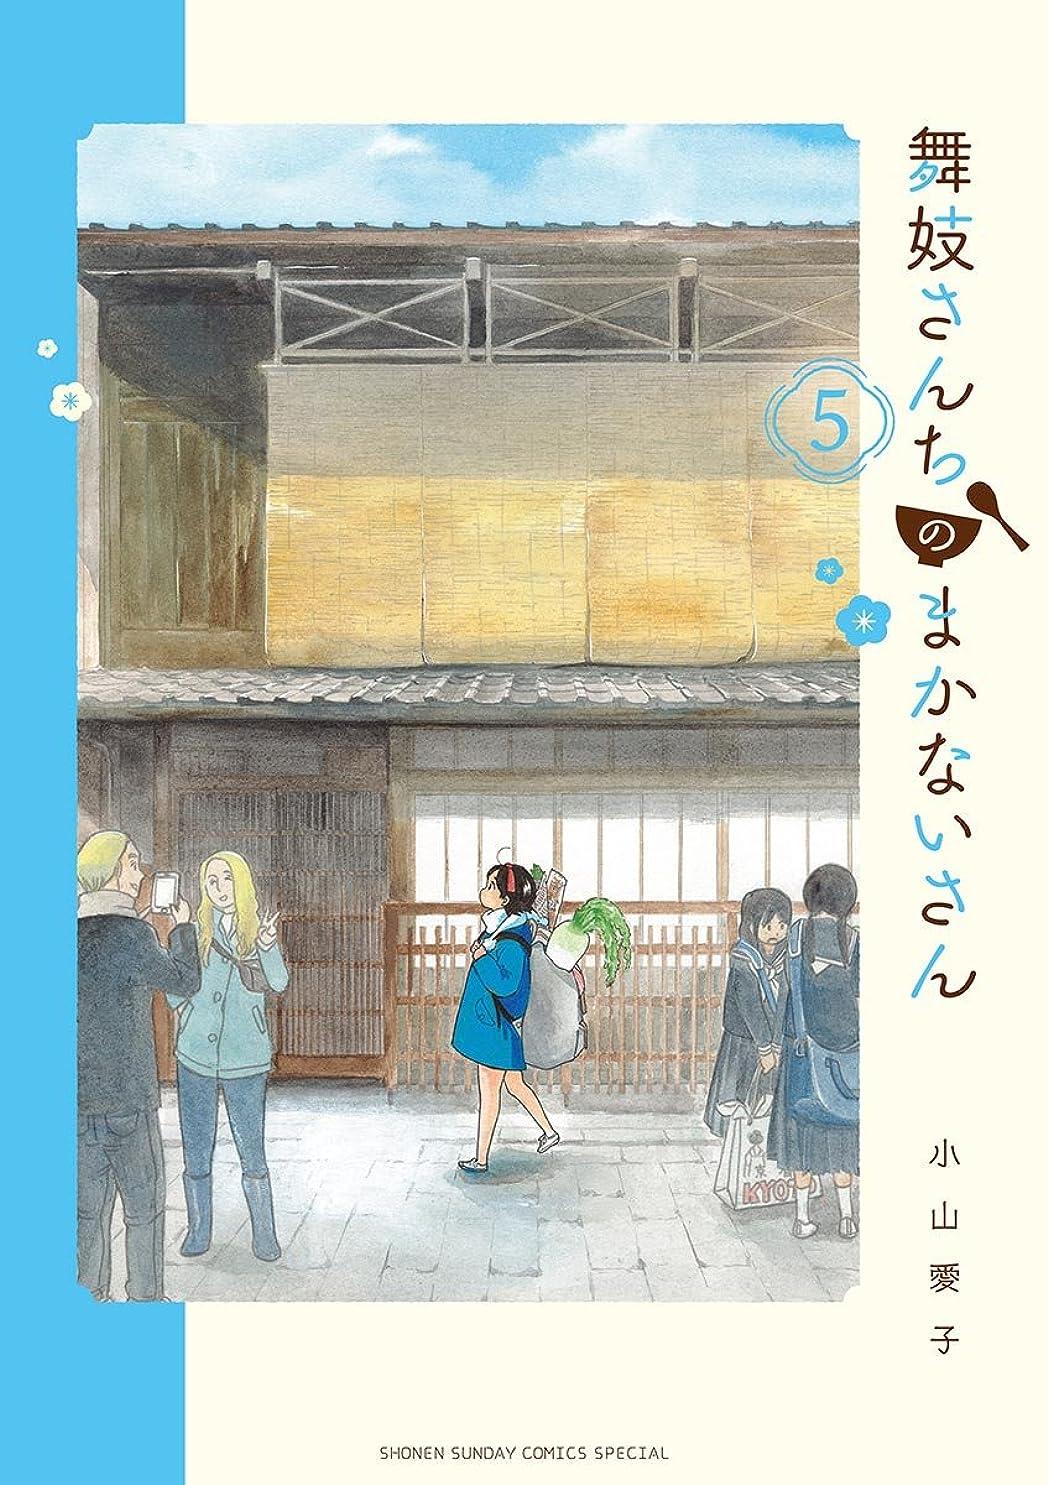 サイズマウント告白舞妓さんちのまかないさん(5) (少年サンデーコミックス)